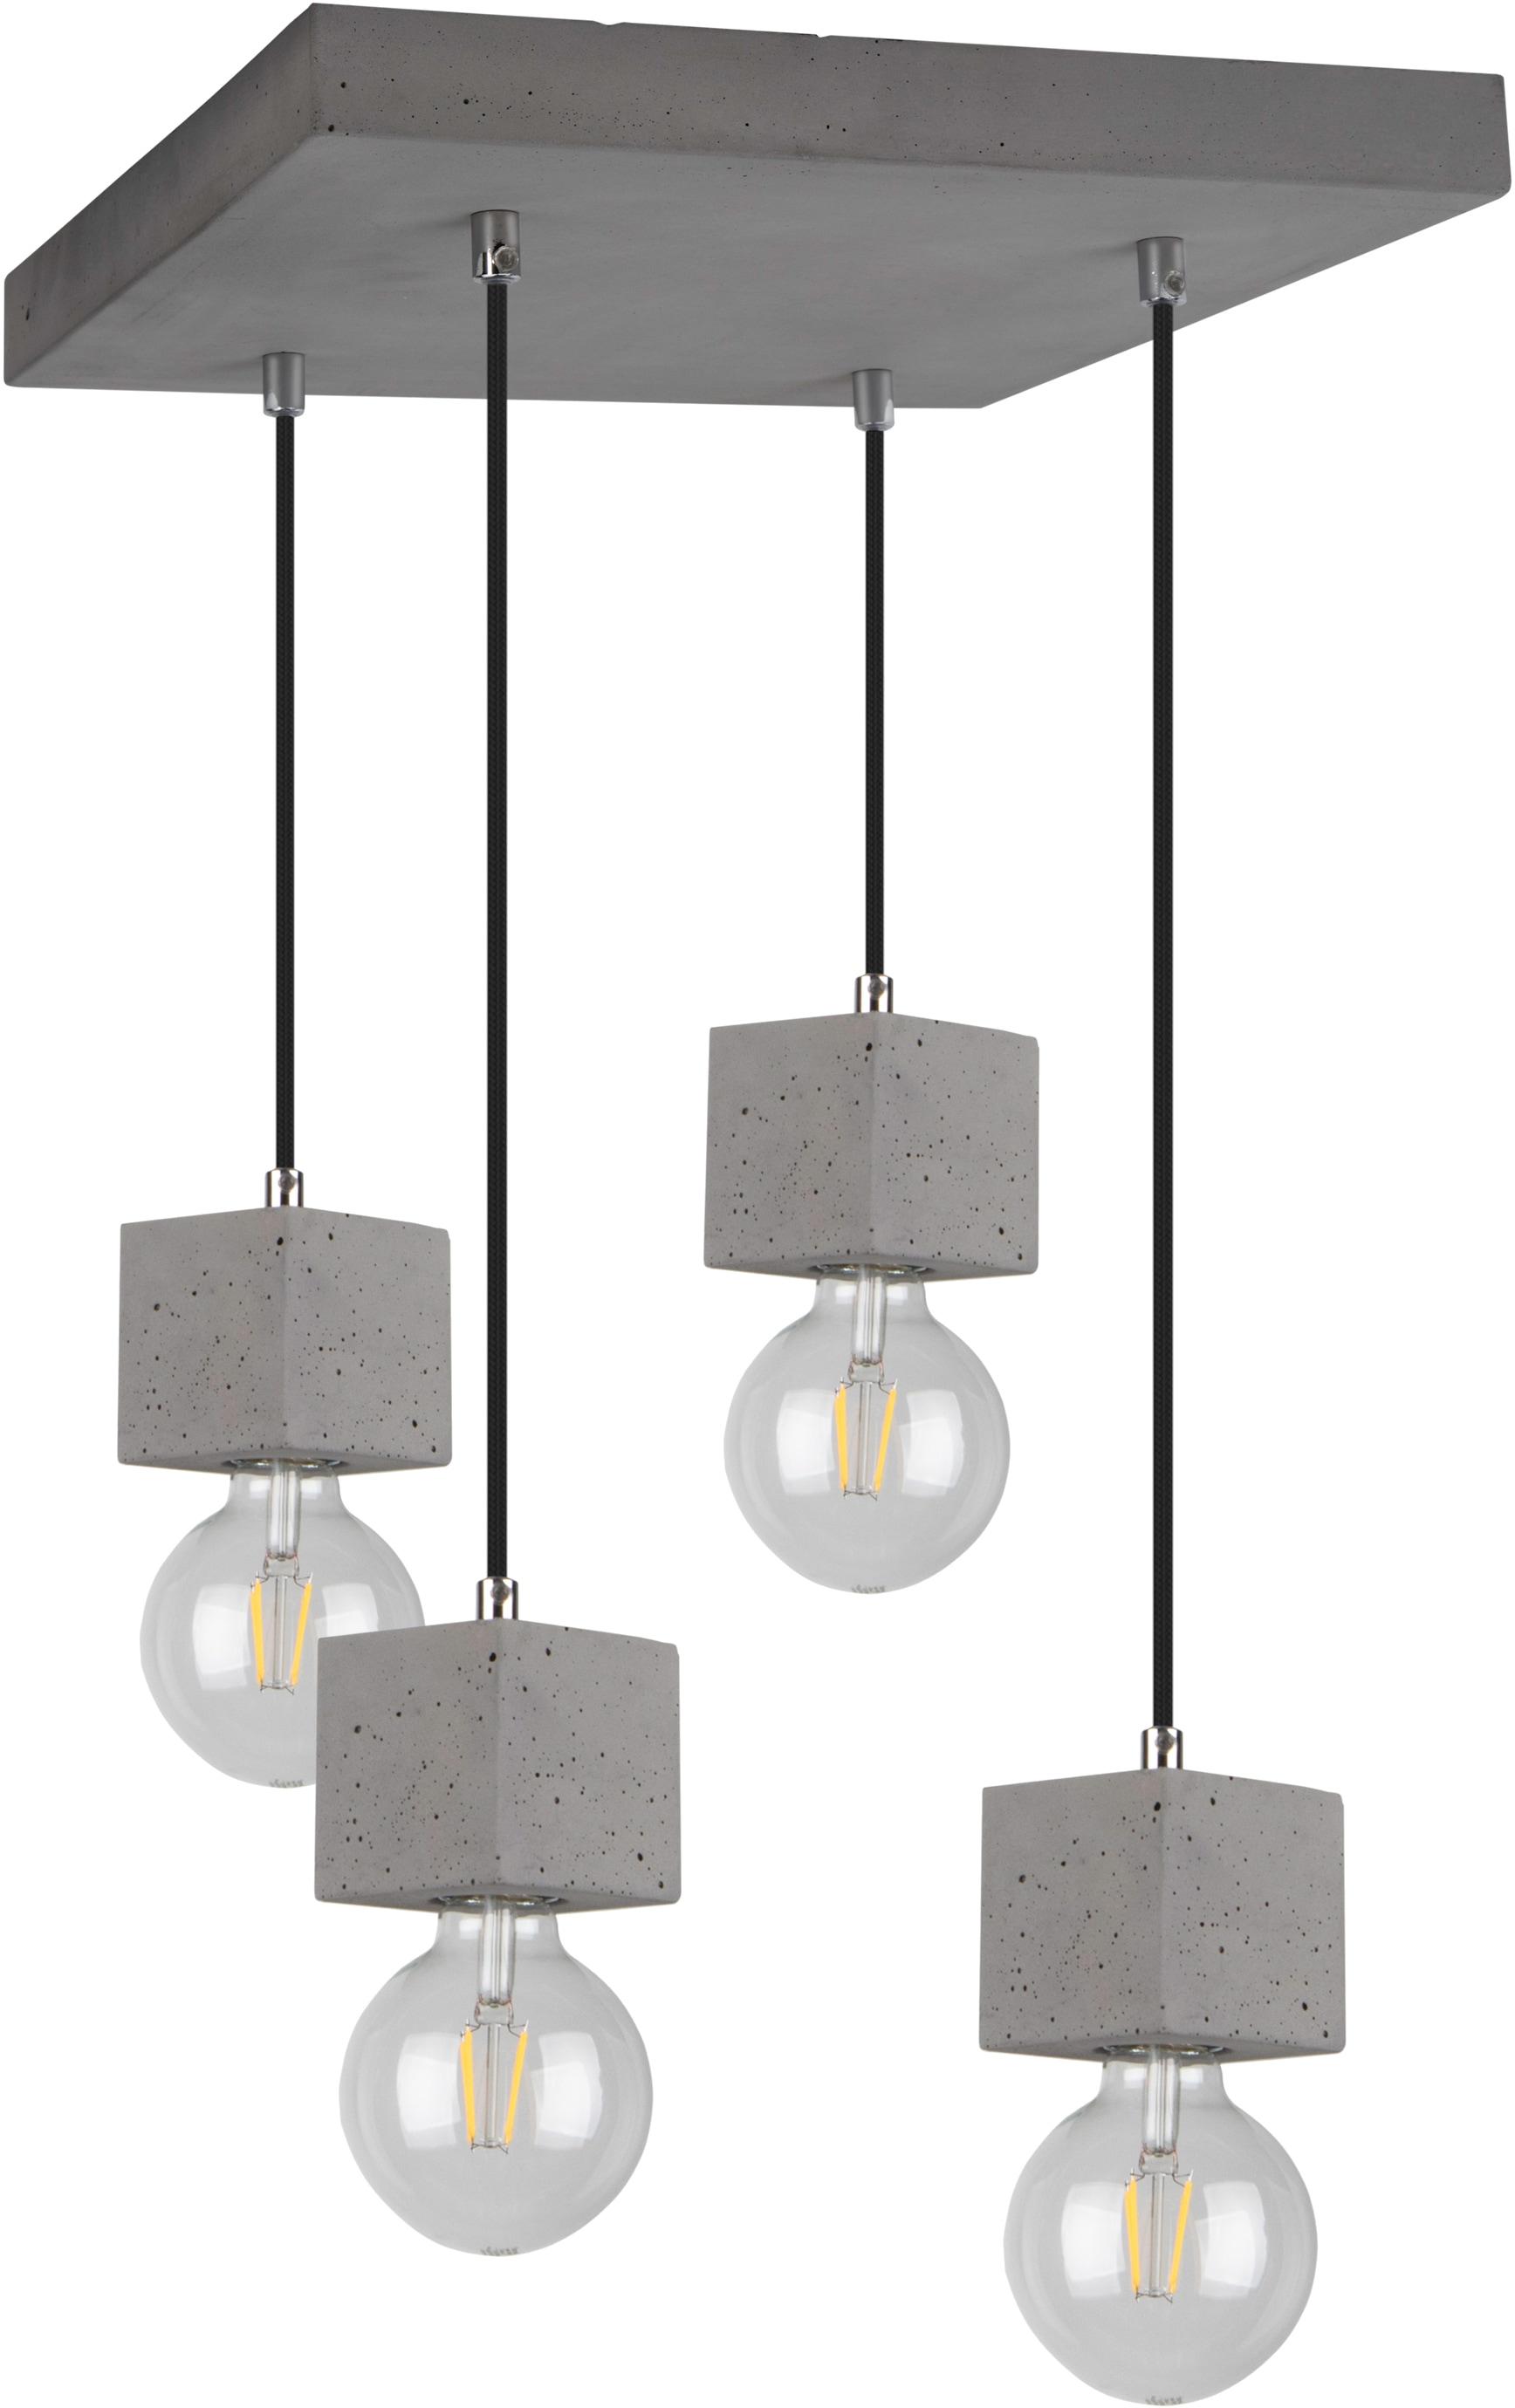 SPOT Light Pendelleuchte STRONG SQUARE, E27, 1 St., Hängeleuchte, Echtes Beton - handgefertigt, Naturprodukt - Nachhaltig, Ideal für Vintage-Leuchtmittel, Made in Europe